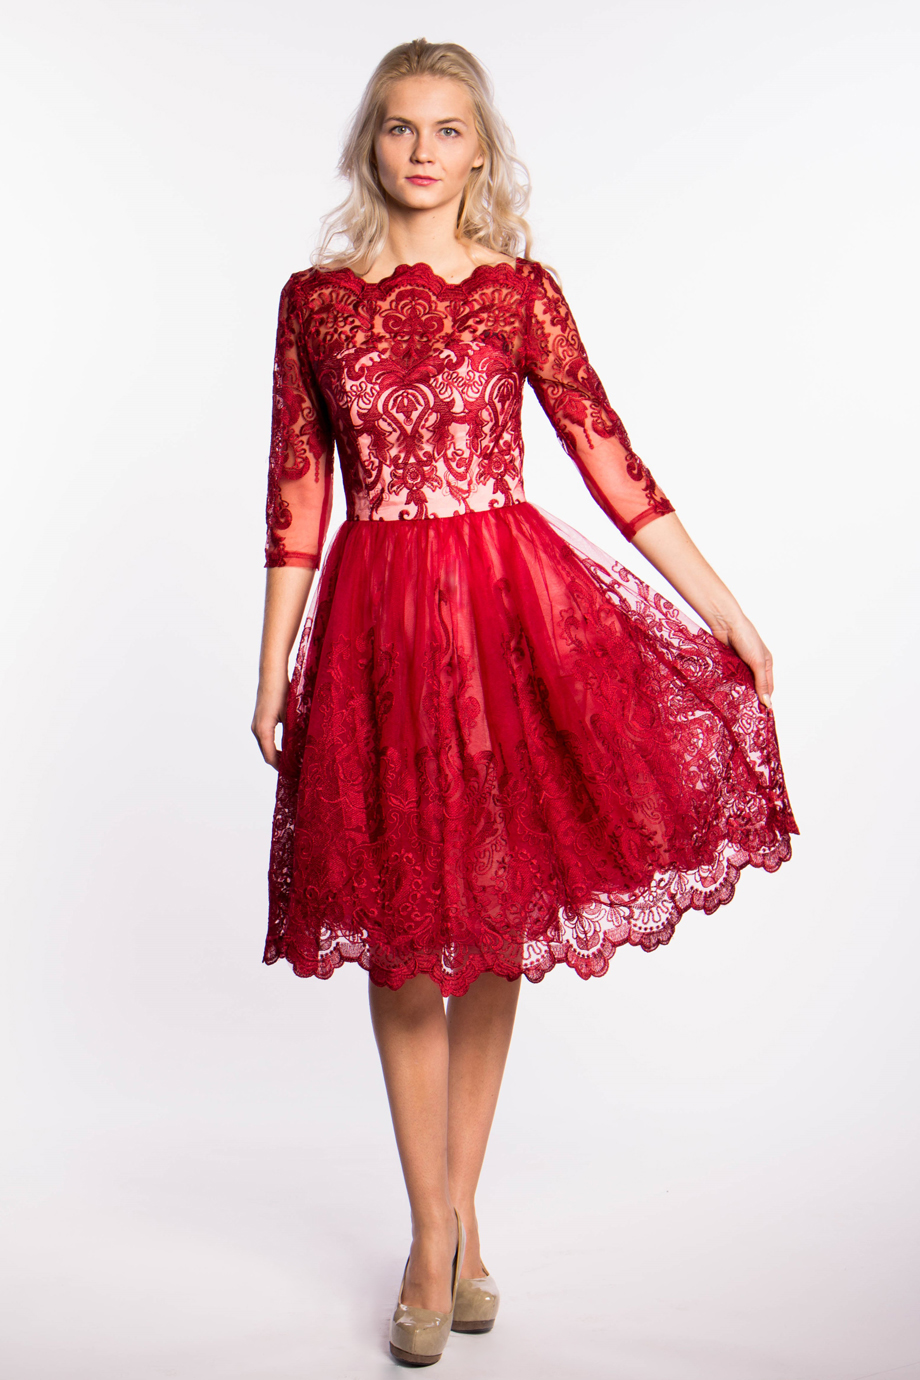 obrázok 4 Chi-Chi London červené čipkované šaty